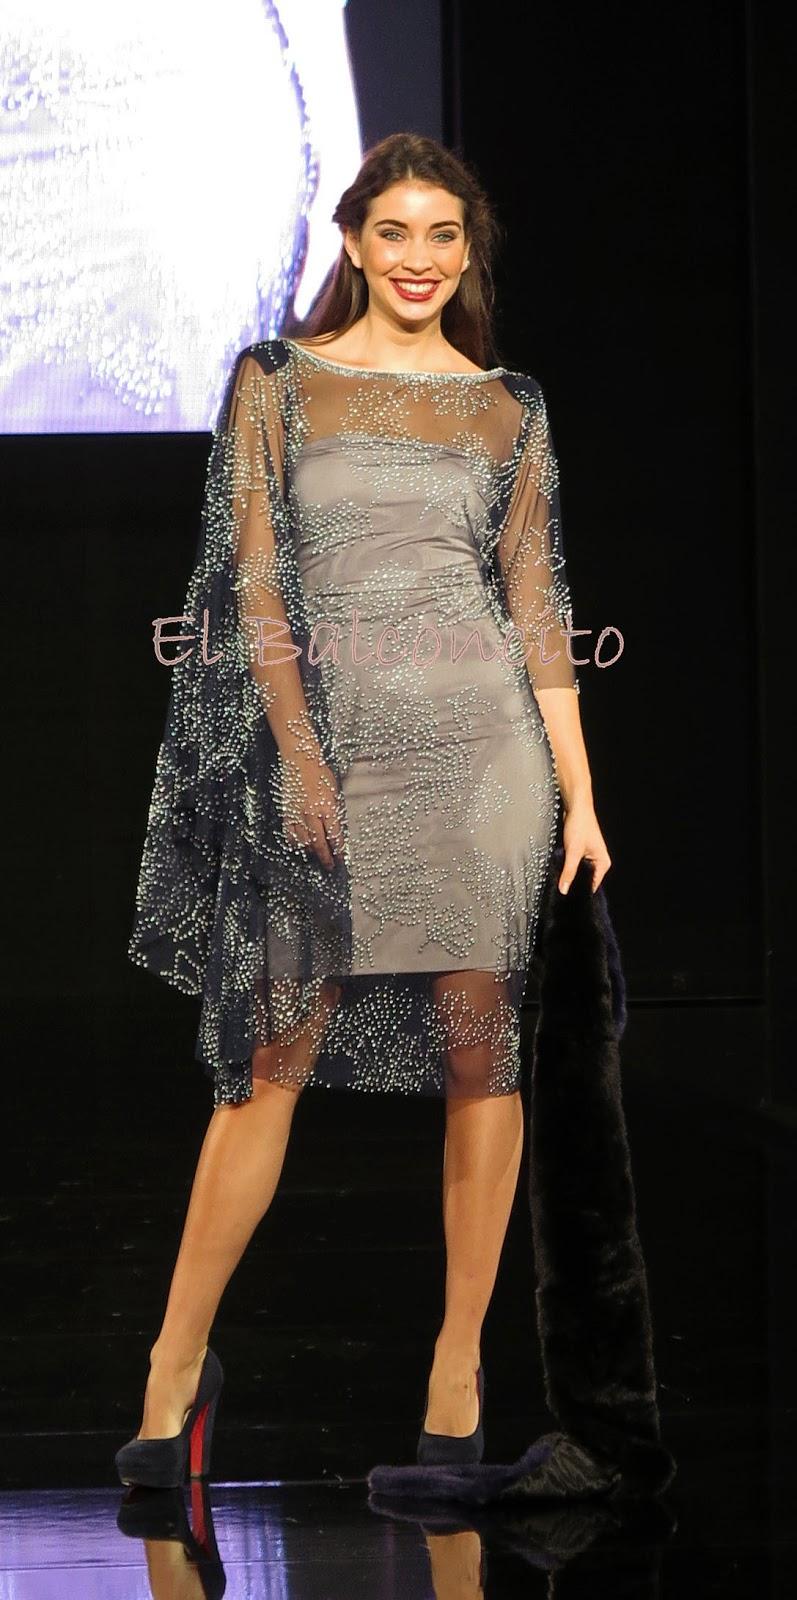 fc41c0b183 La diseñadora comenzó su presentación con la línea de fiesta comenzando con  un sensual y maravilloso vestido estampado amplio y vaporoso que despertó  los ...